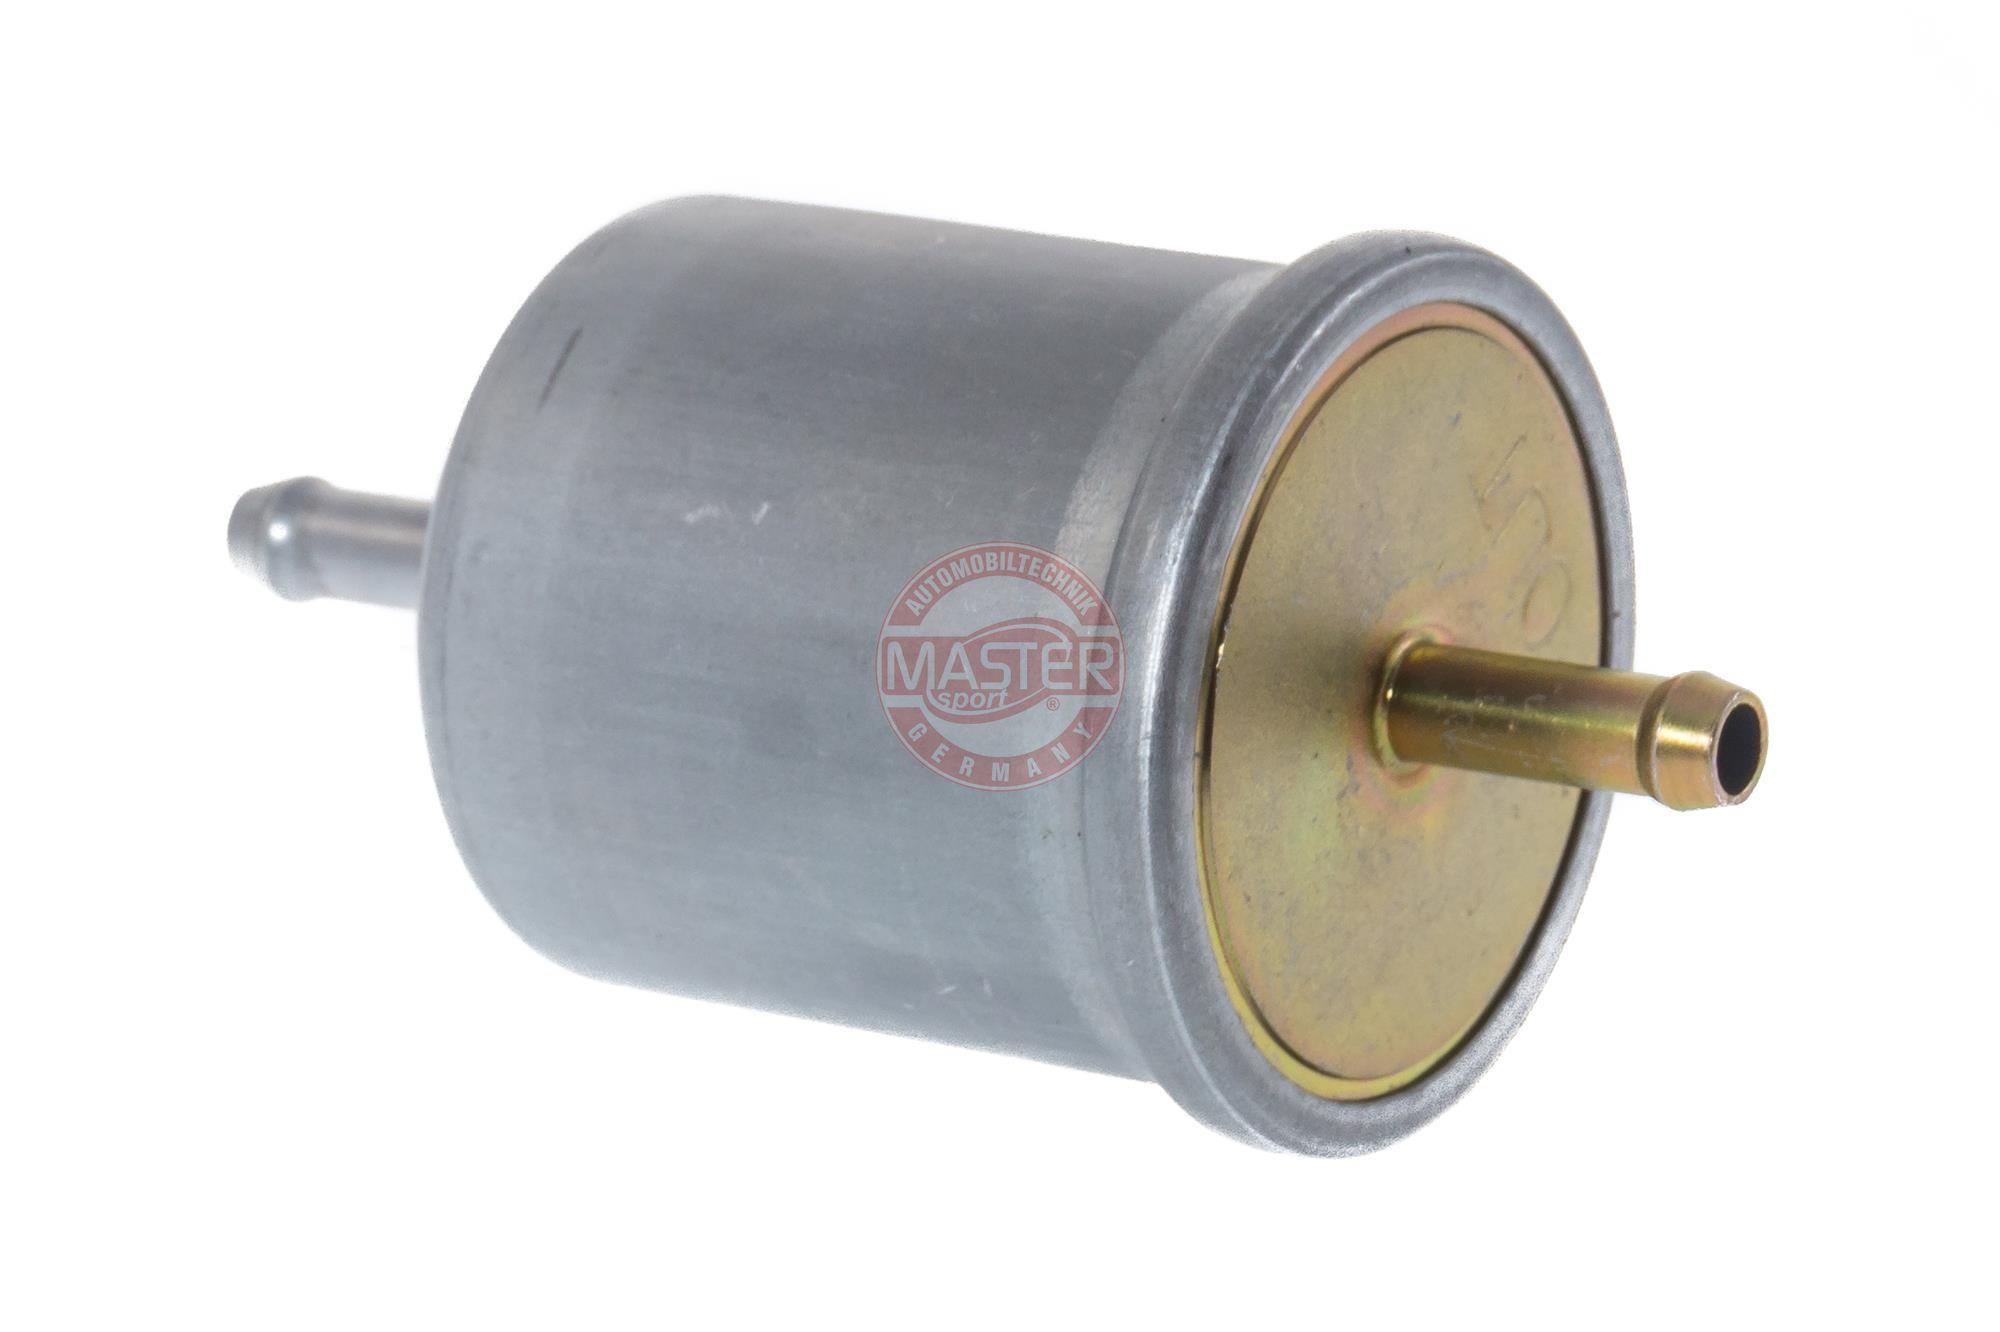 66KFPCSMS Filtre fioul MASTER-SPORT 66-KF-PCS-MS - Enorme sélection — fortement réduit